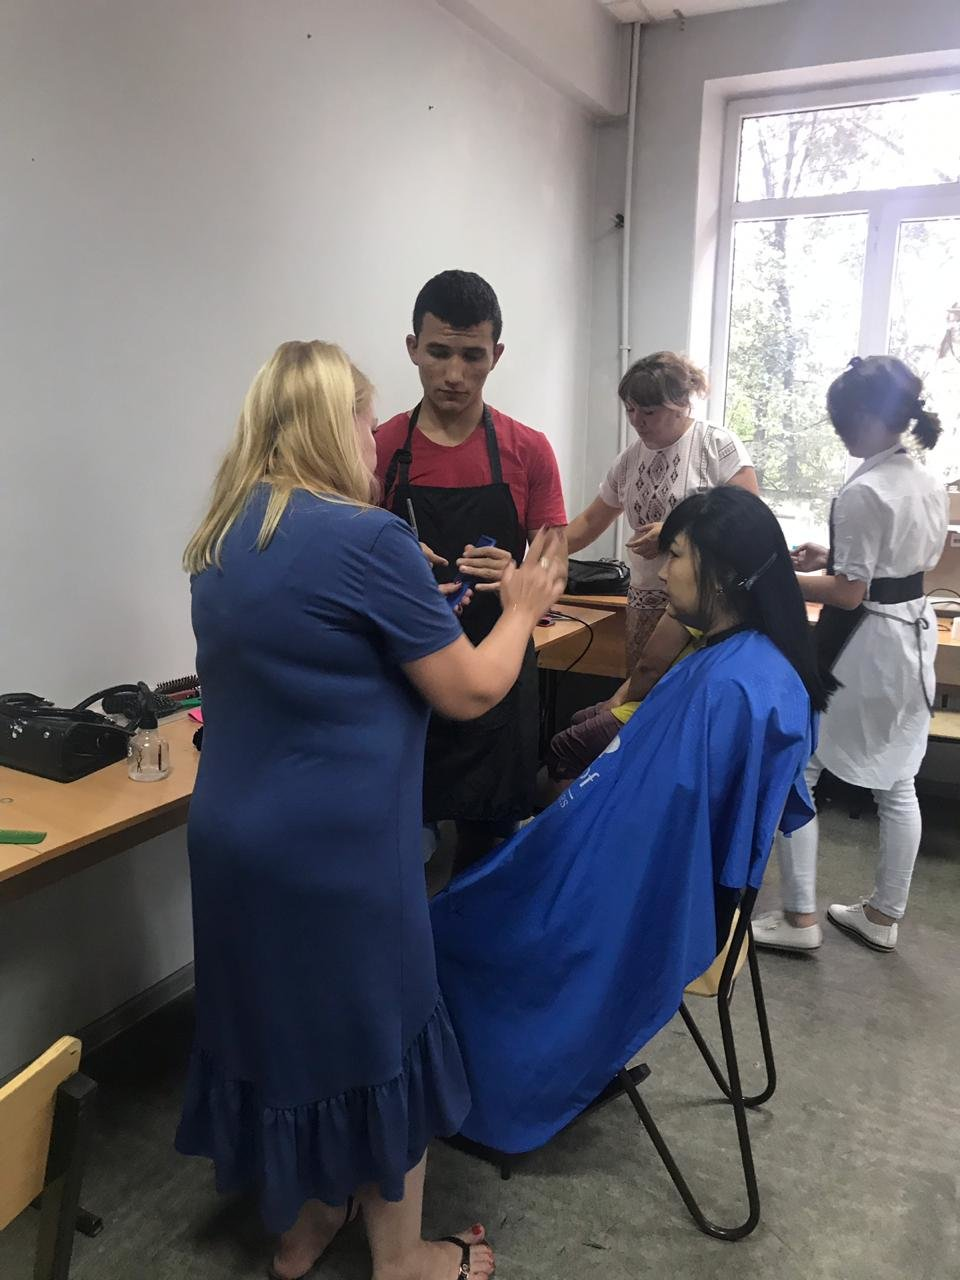 В Алматы районный акимат на тренинг для многодетных пригласил визажиста и нумеролога, фото-2